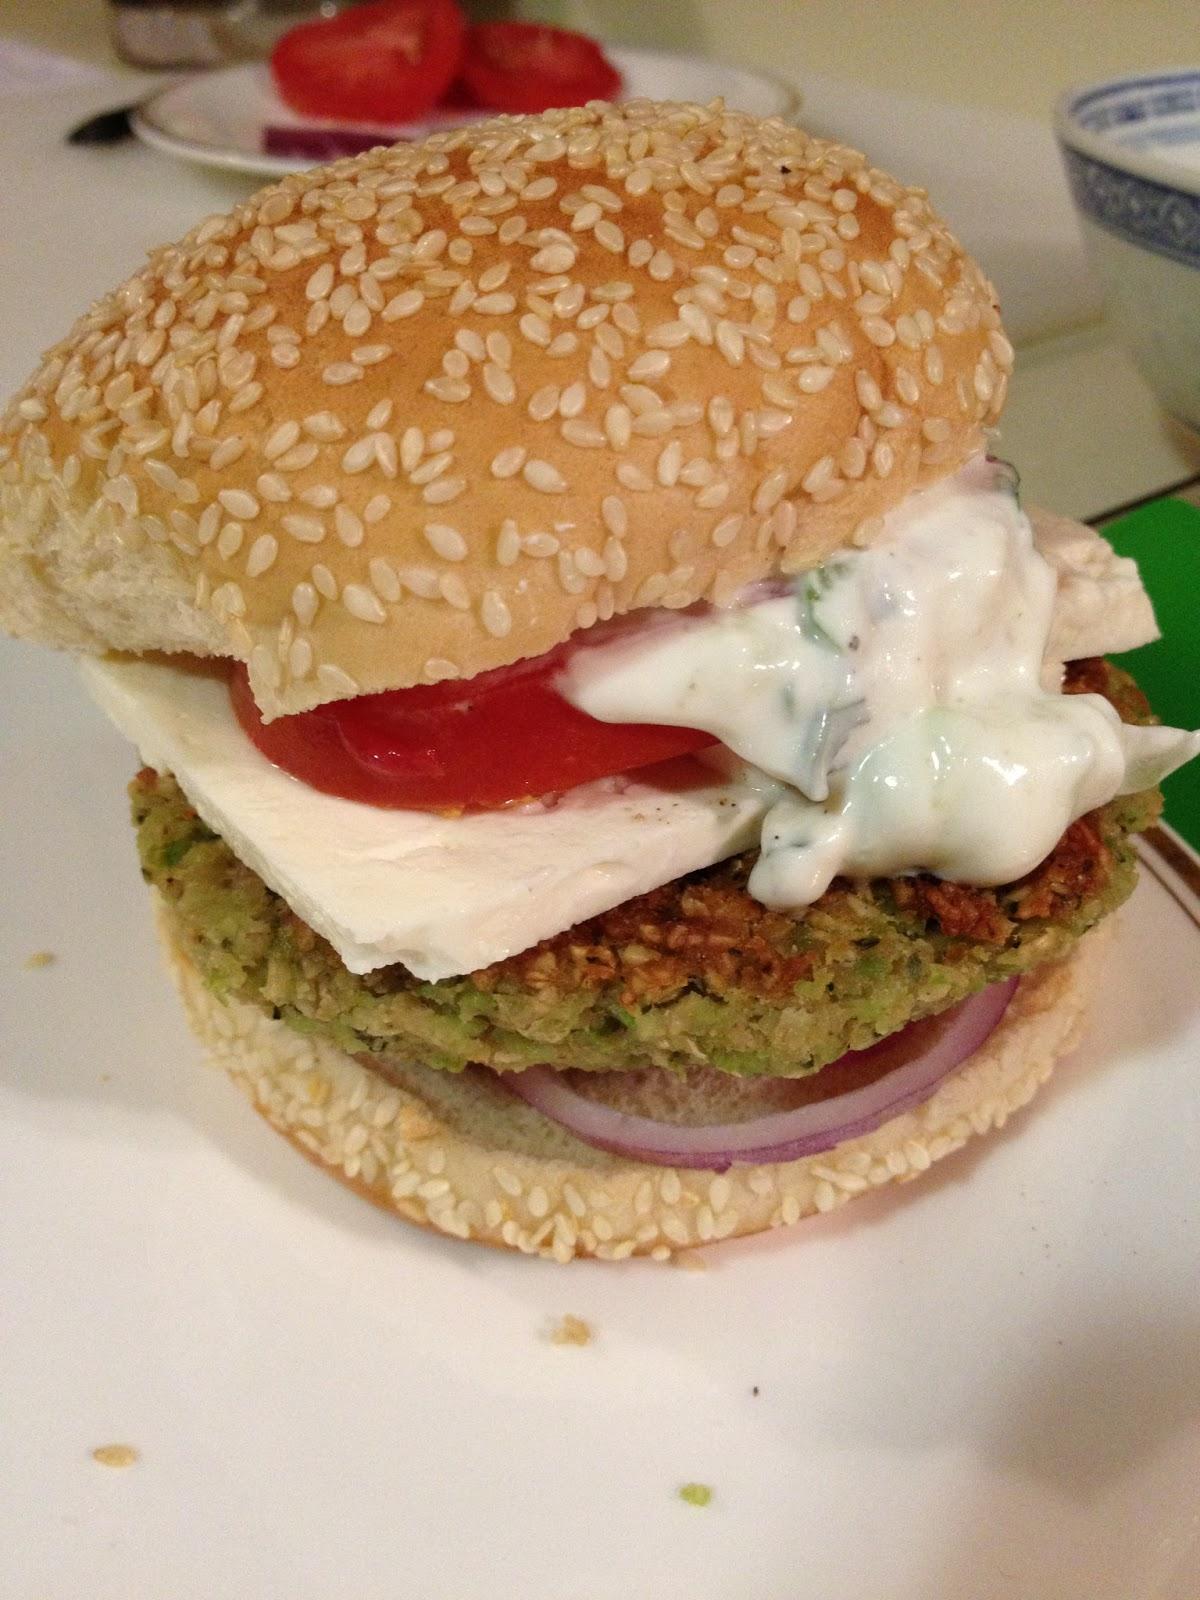 edamame+burger+no+filter.jpg